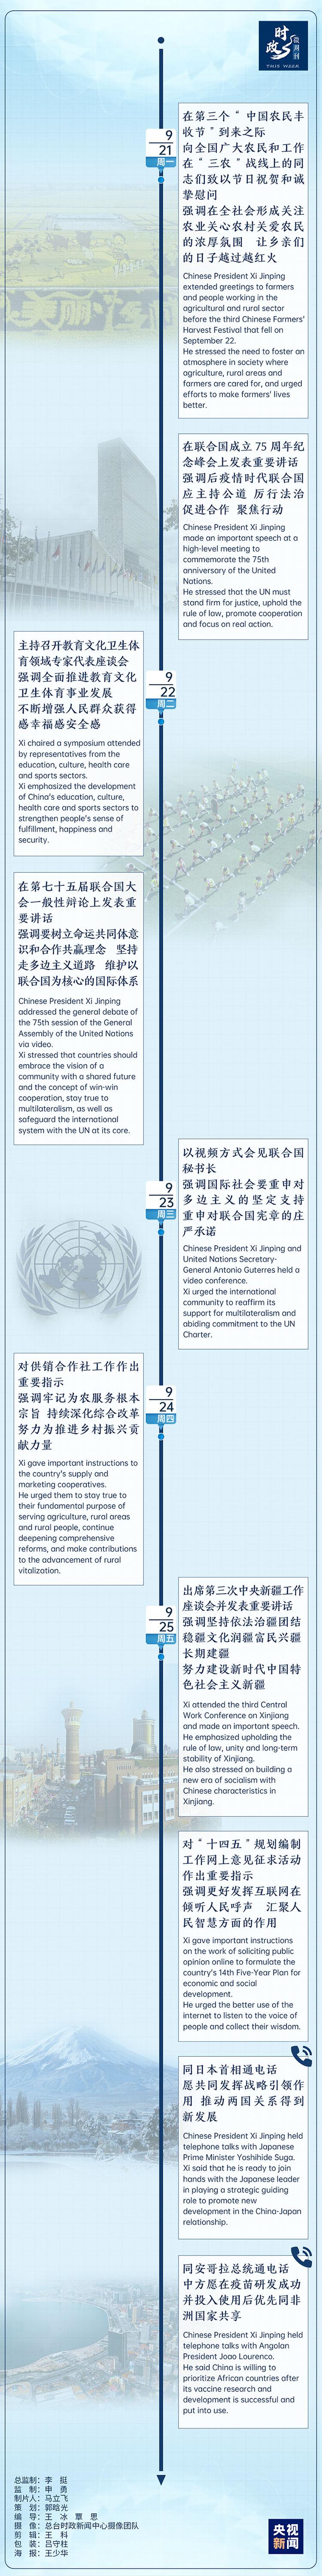 《【华宇娱乐平台首页】时政微周刊丨总书记的一周(9月21日—9月27日)》